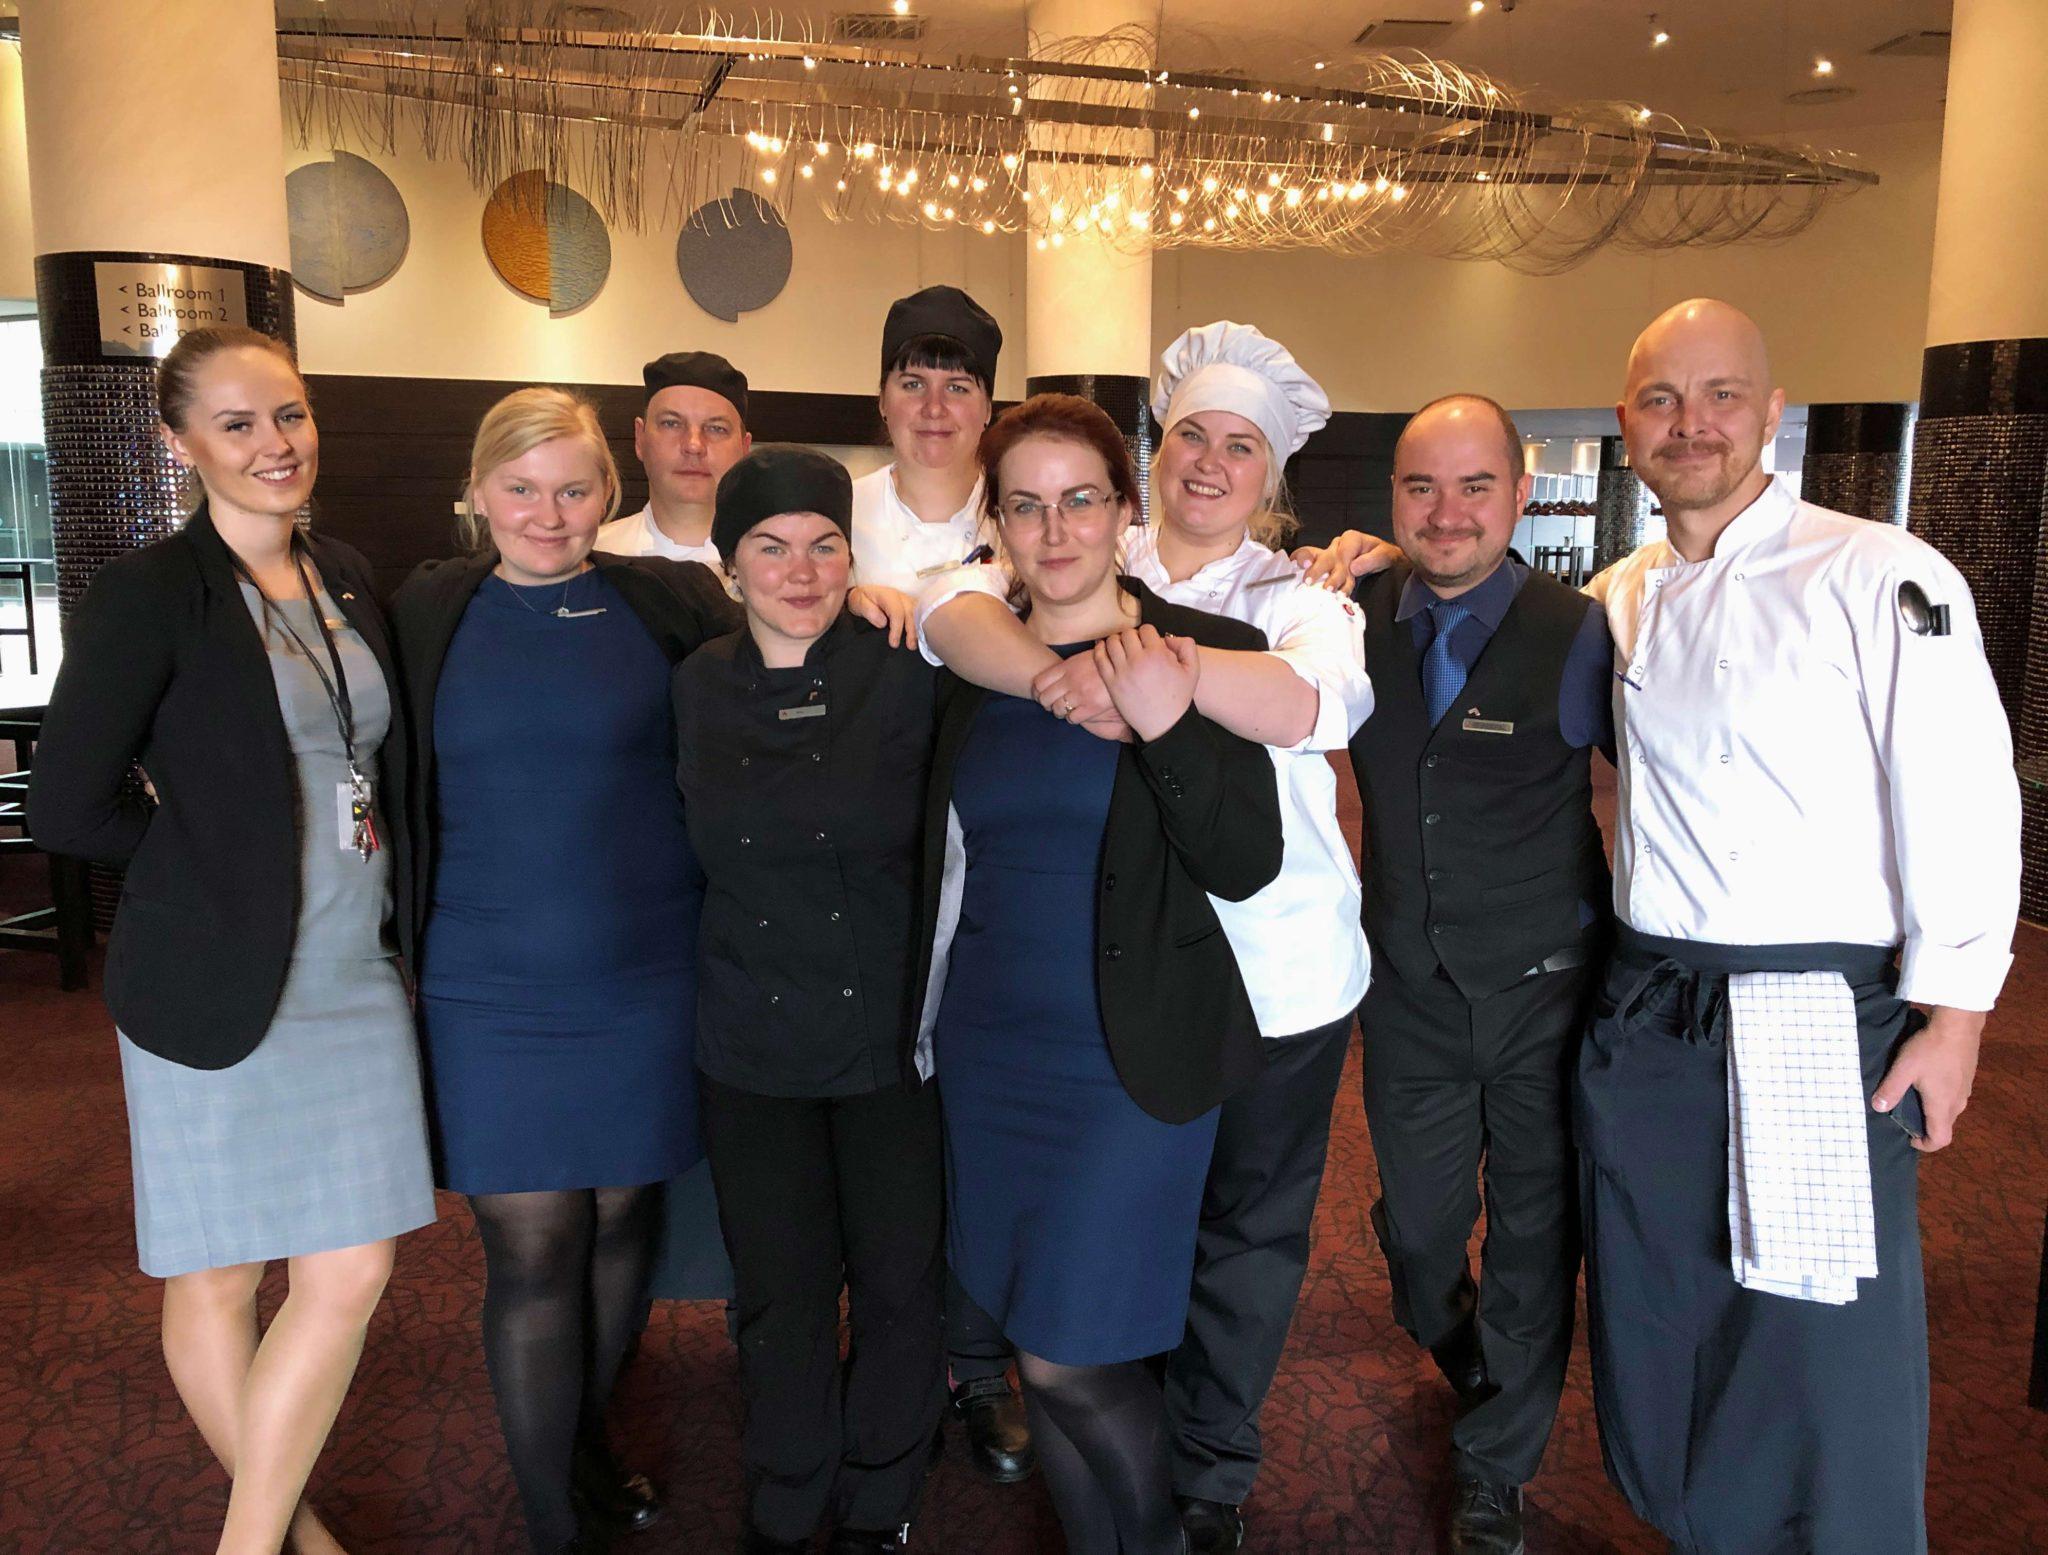 Swissotel Tallinna kokad valmistasid SOS Lasteküla lastega toidujääkidevaba (zero waste) lõunasöögi